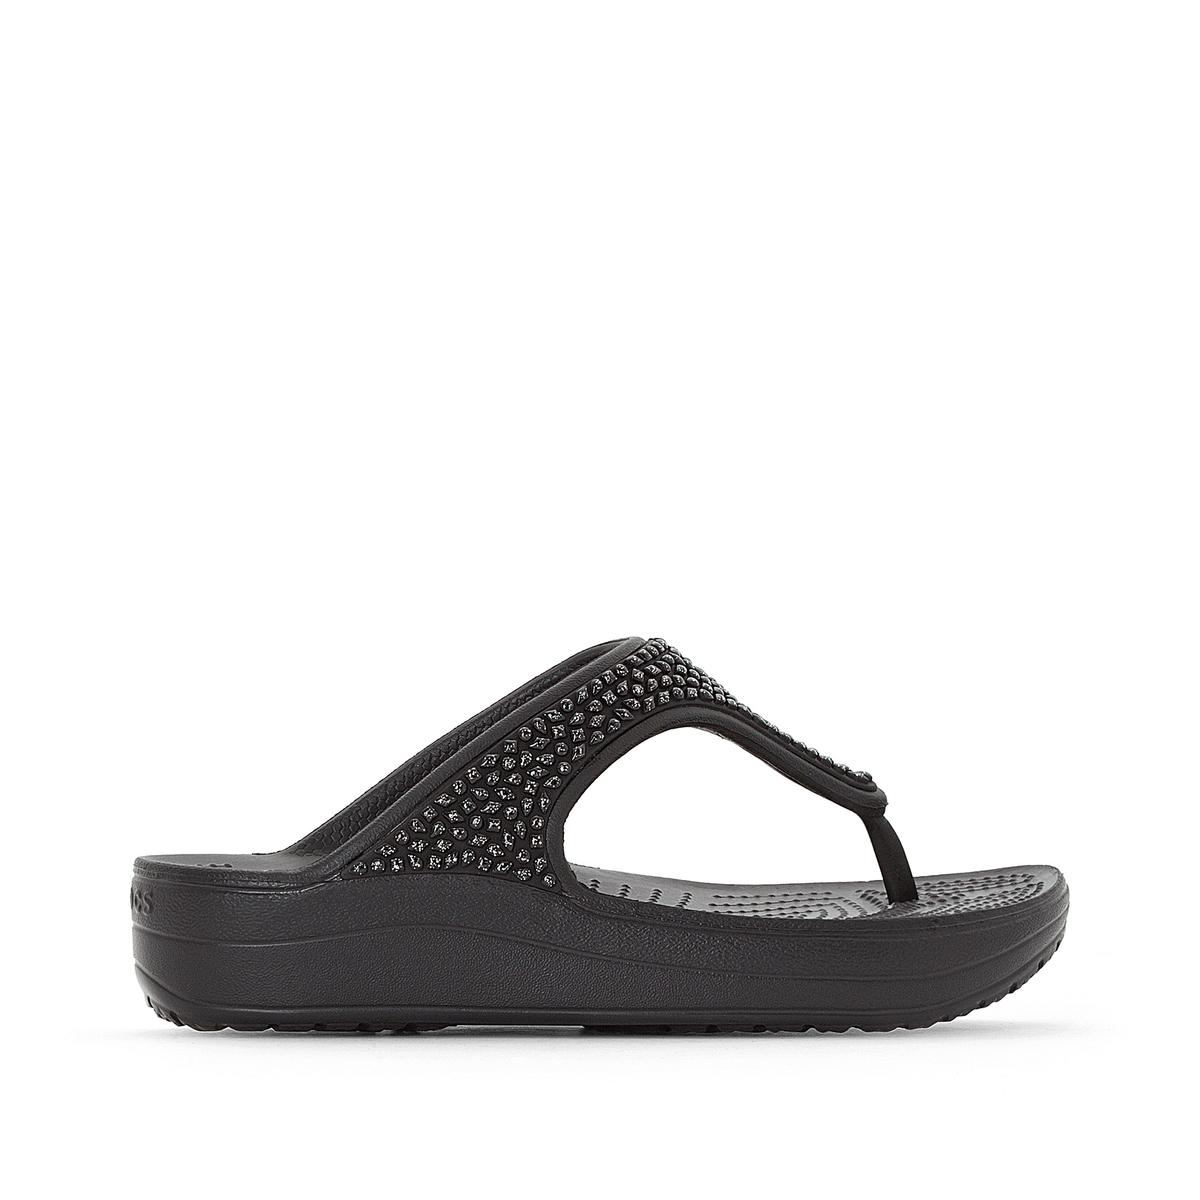 Вьетнамки на танкетке Crocs Sloane Embellished Flip rhinestone flower embellished heeled boots